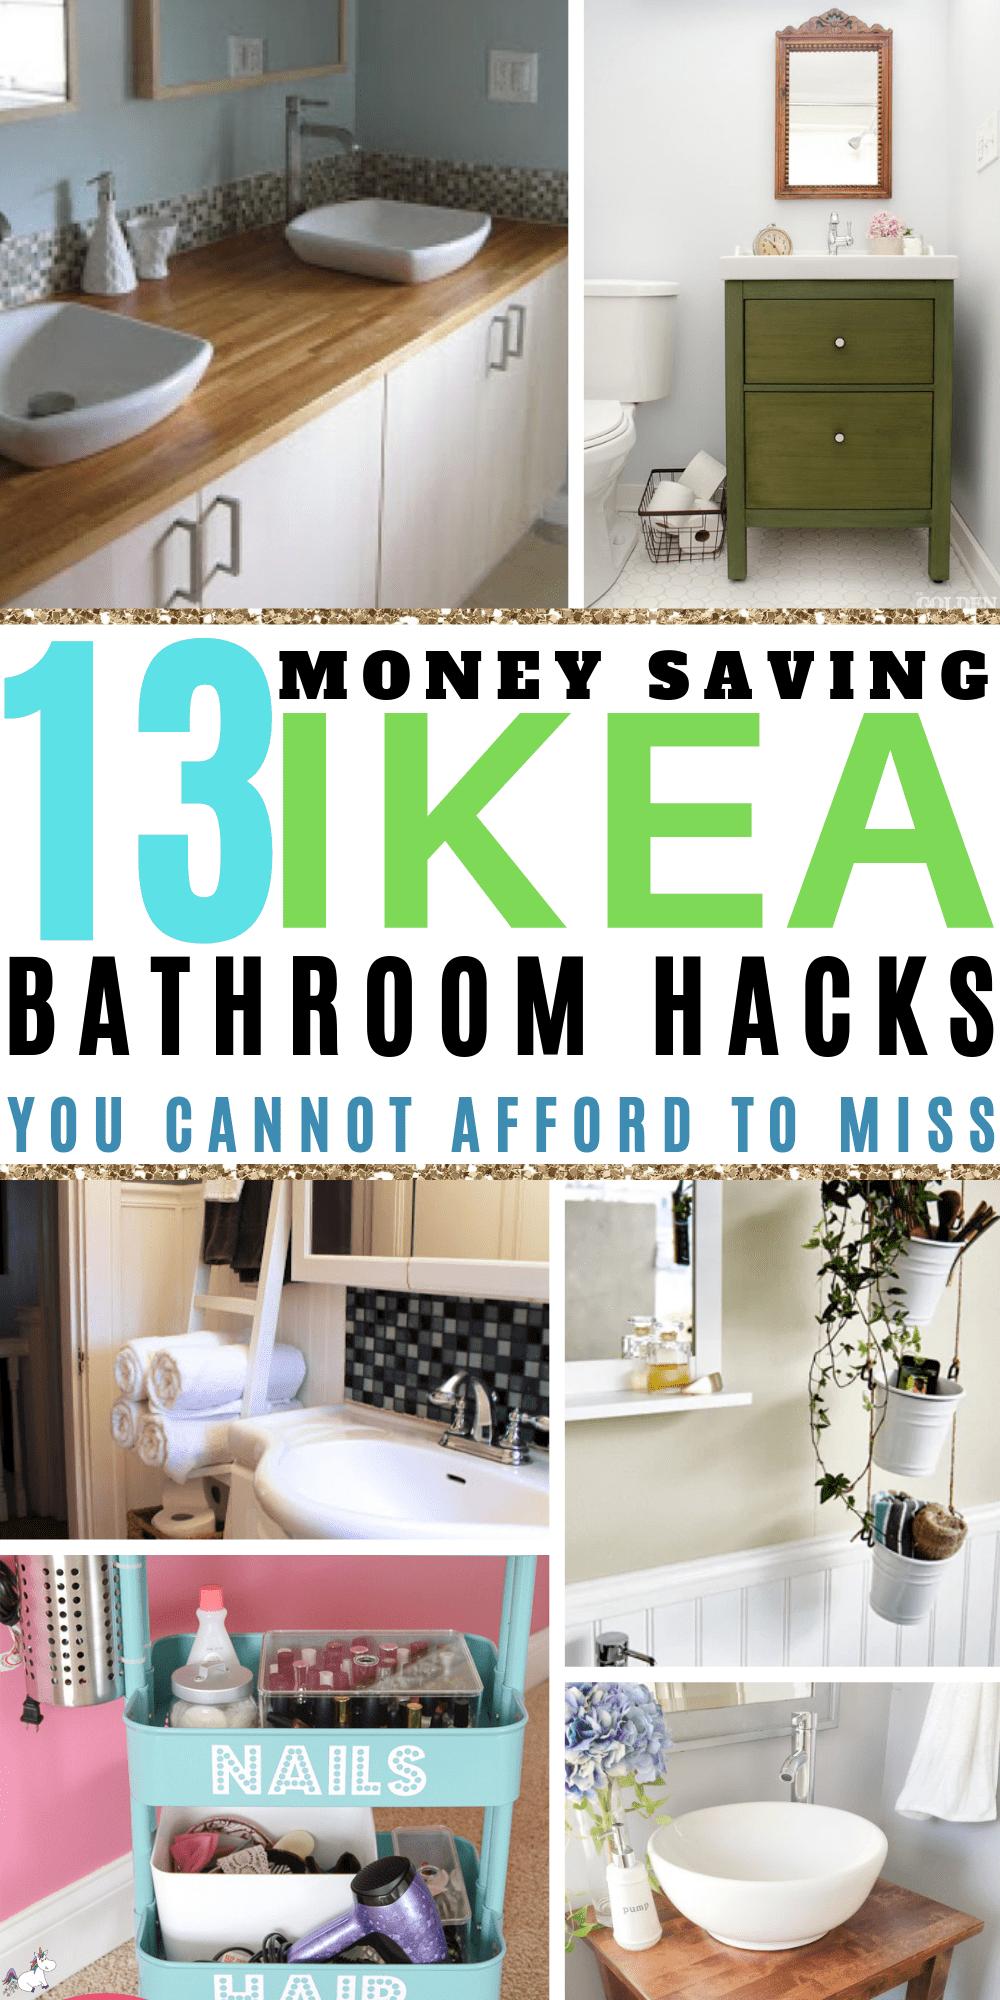 13 Awesome Ikea Bathroom hacks You Will Love If You Love Home Decor On A Budget | ikea hacks | Ikea organization hacks | Ikea storage hacks | Bathroom decor | #bathroomideas #bathroomdesign #bathroomremodelling #bathroomikeahacks #ikeabathroomhacks #diybathroomdecor #bathroomorganization #bathroomstorage #homedecoronabudget